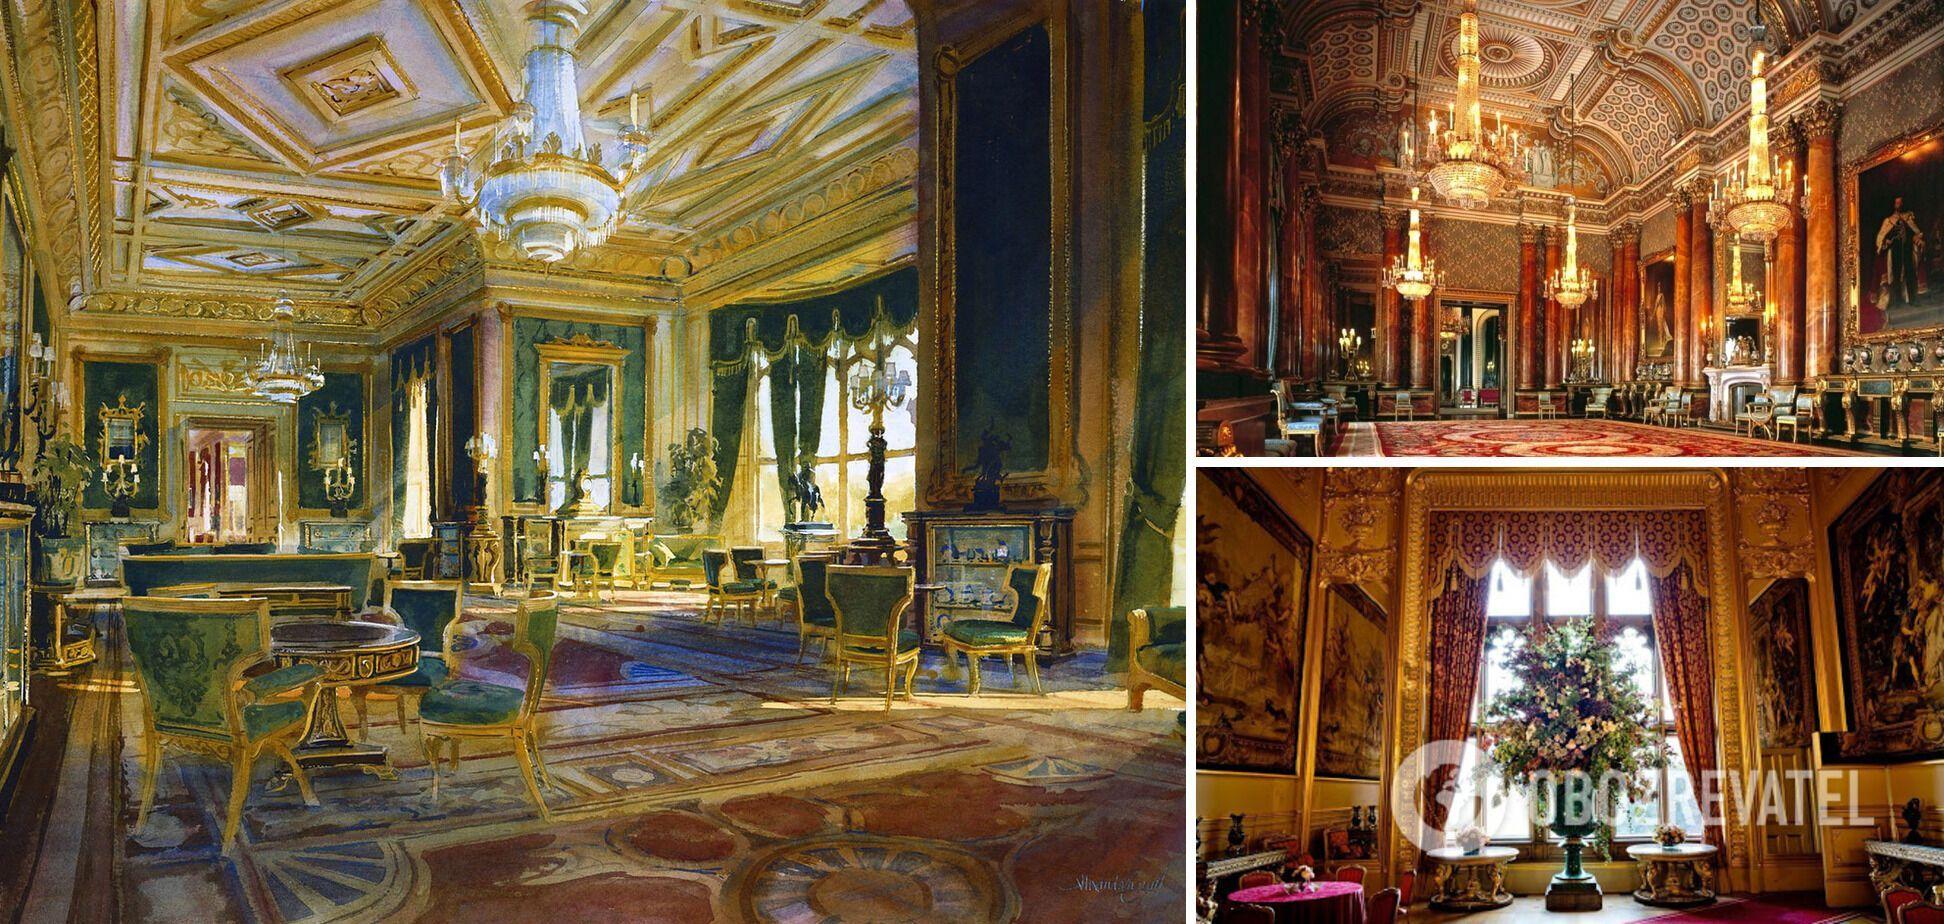 Віндзорський палац для королеви слугує заміським будинком